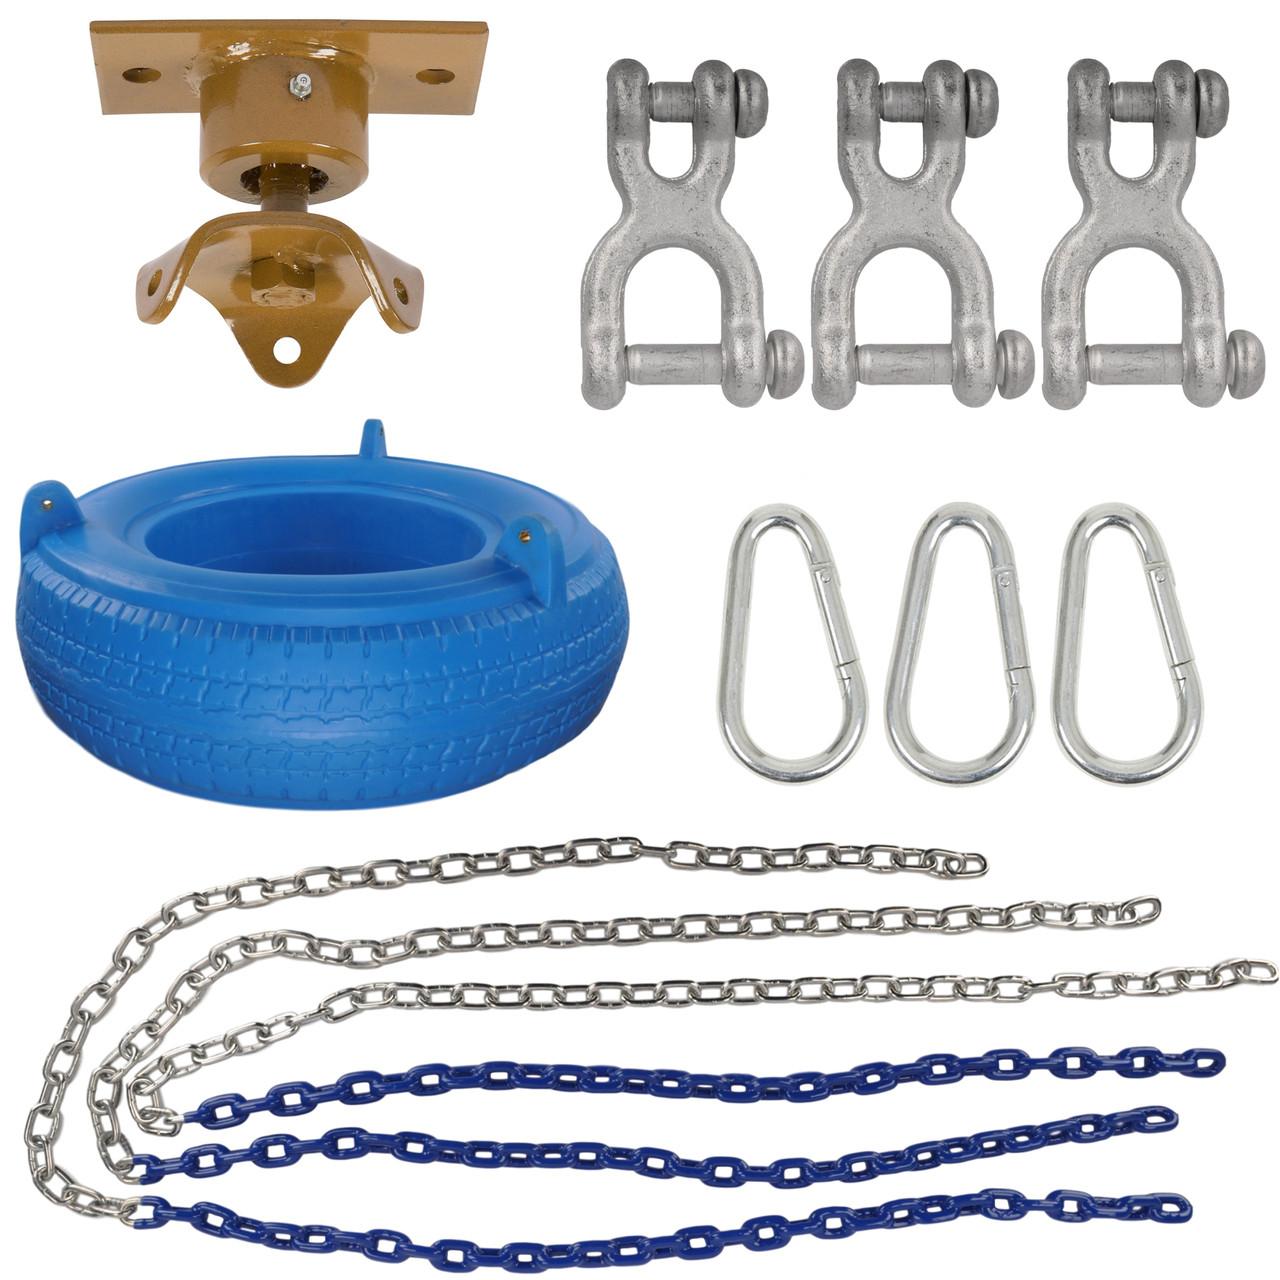 Swing Set Stuff Inc Complete Tire Swing Kit With Heavy Duty Swivel